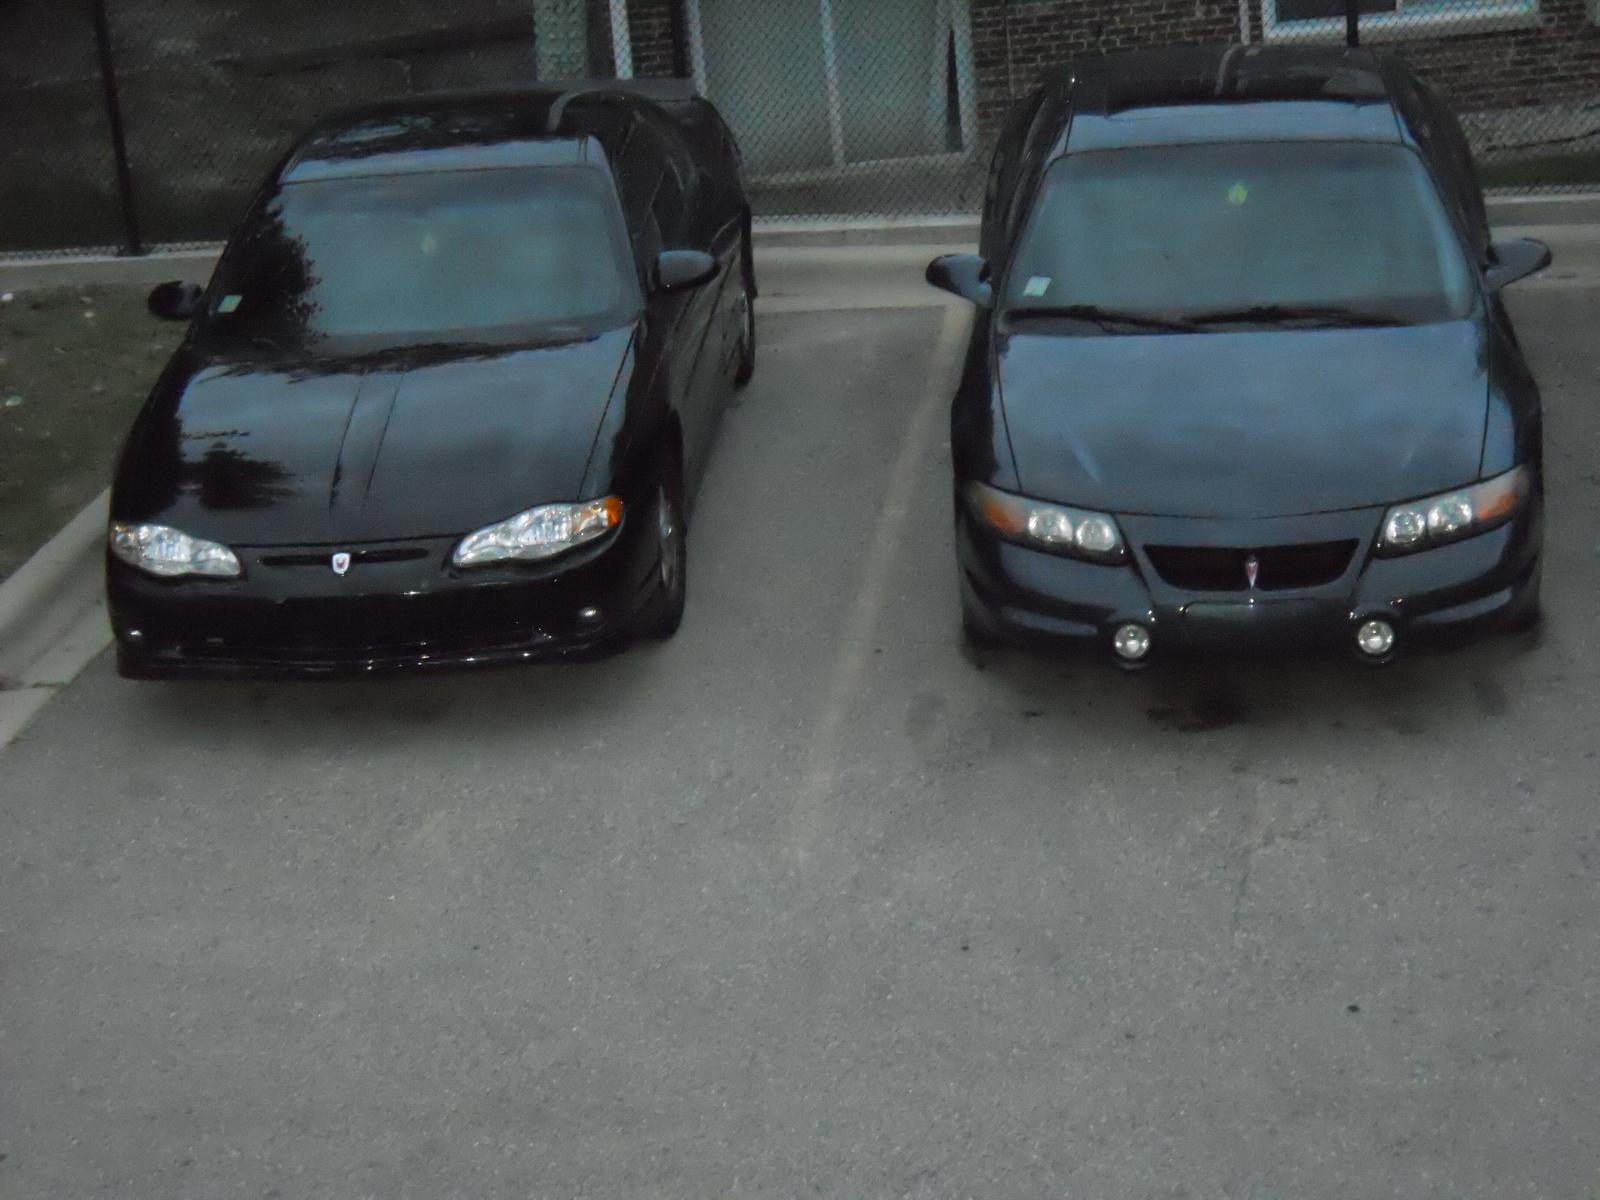 2001 Pontiac Bonneville - Pictures - 2001 Pontiac Bonneville SLE pi ...